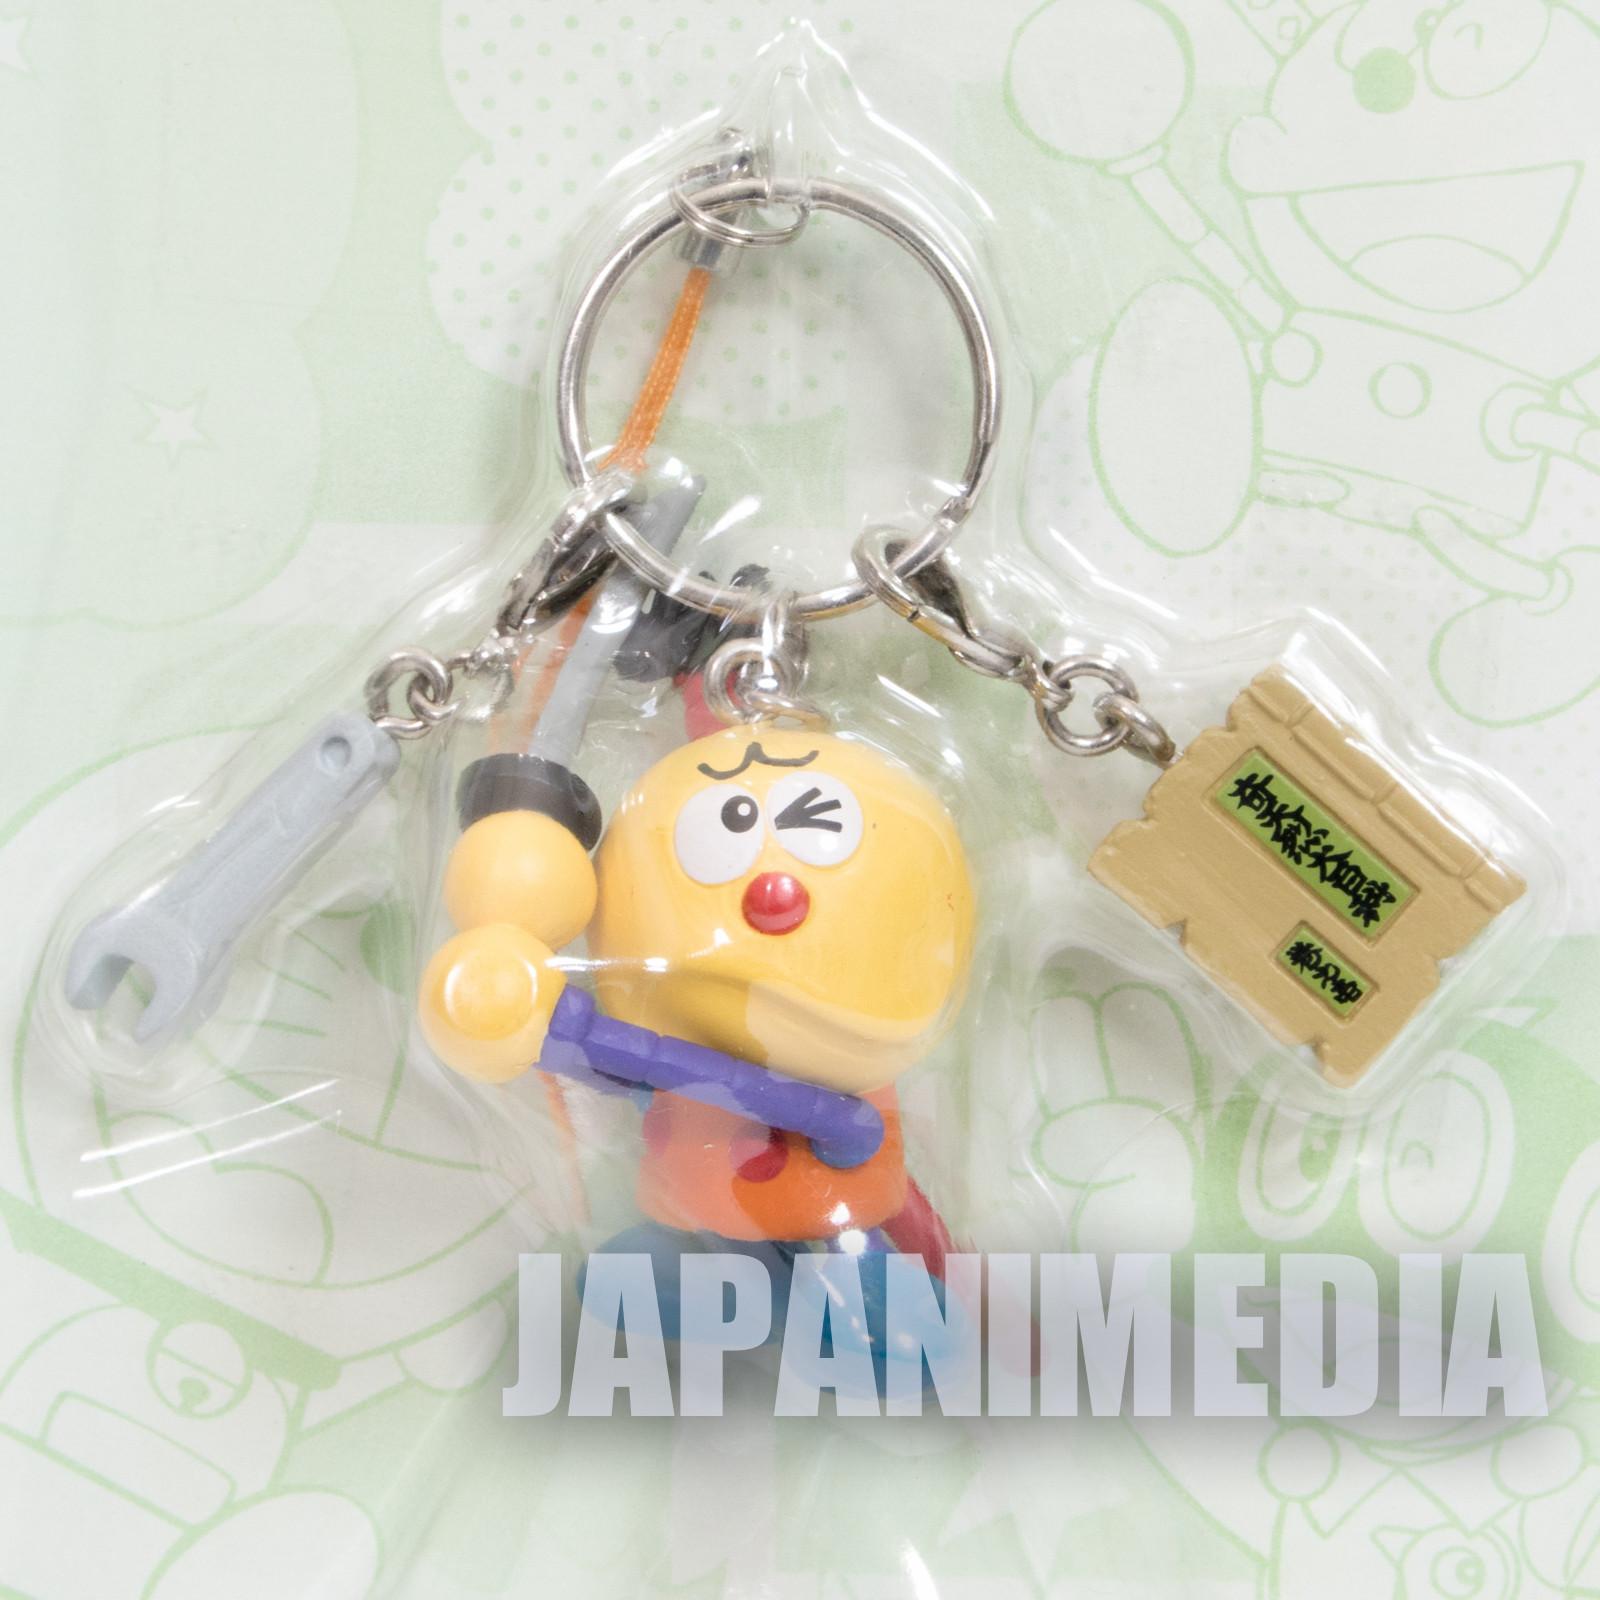 Kiteretsu Daihyakka Korosuke Figure Mascot Strap Fujiko F Fujio JAPAN ANIME